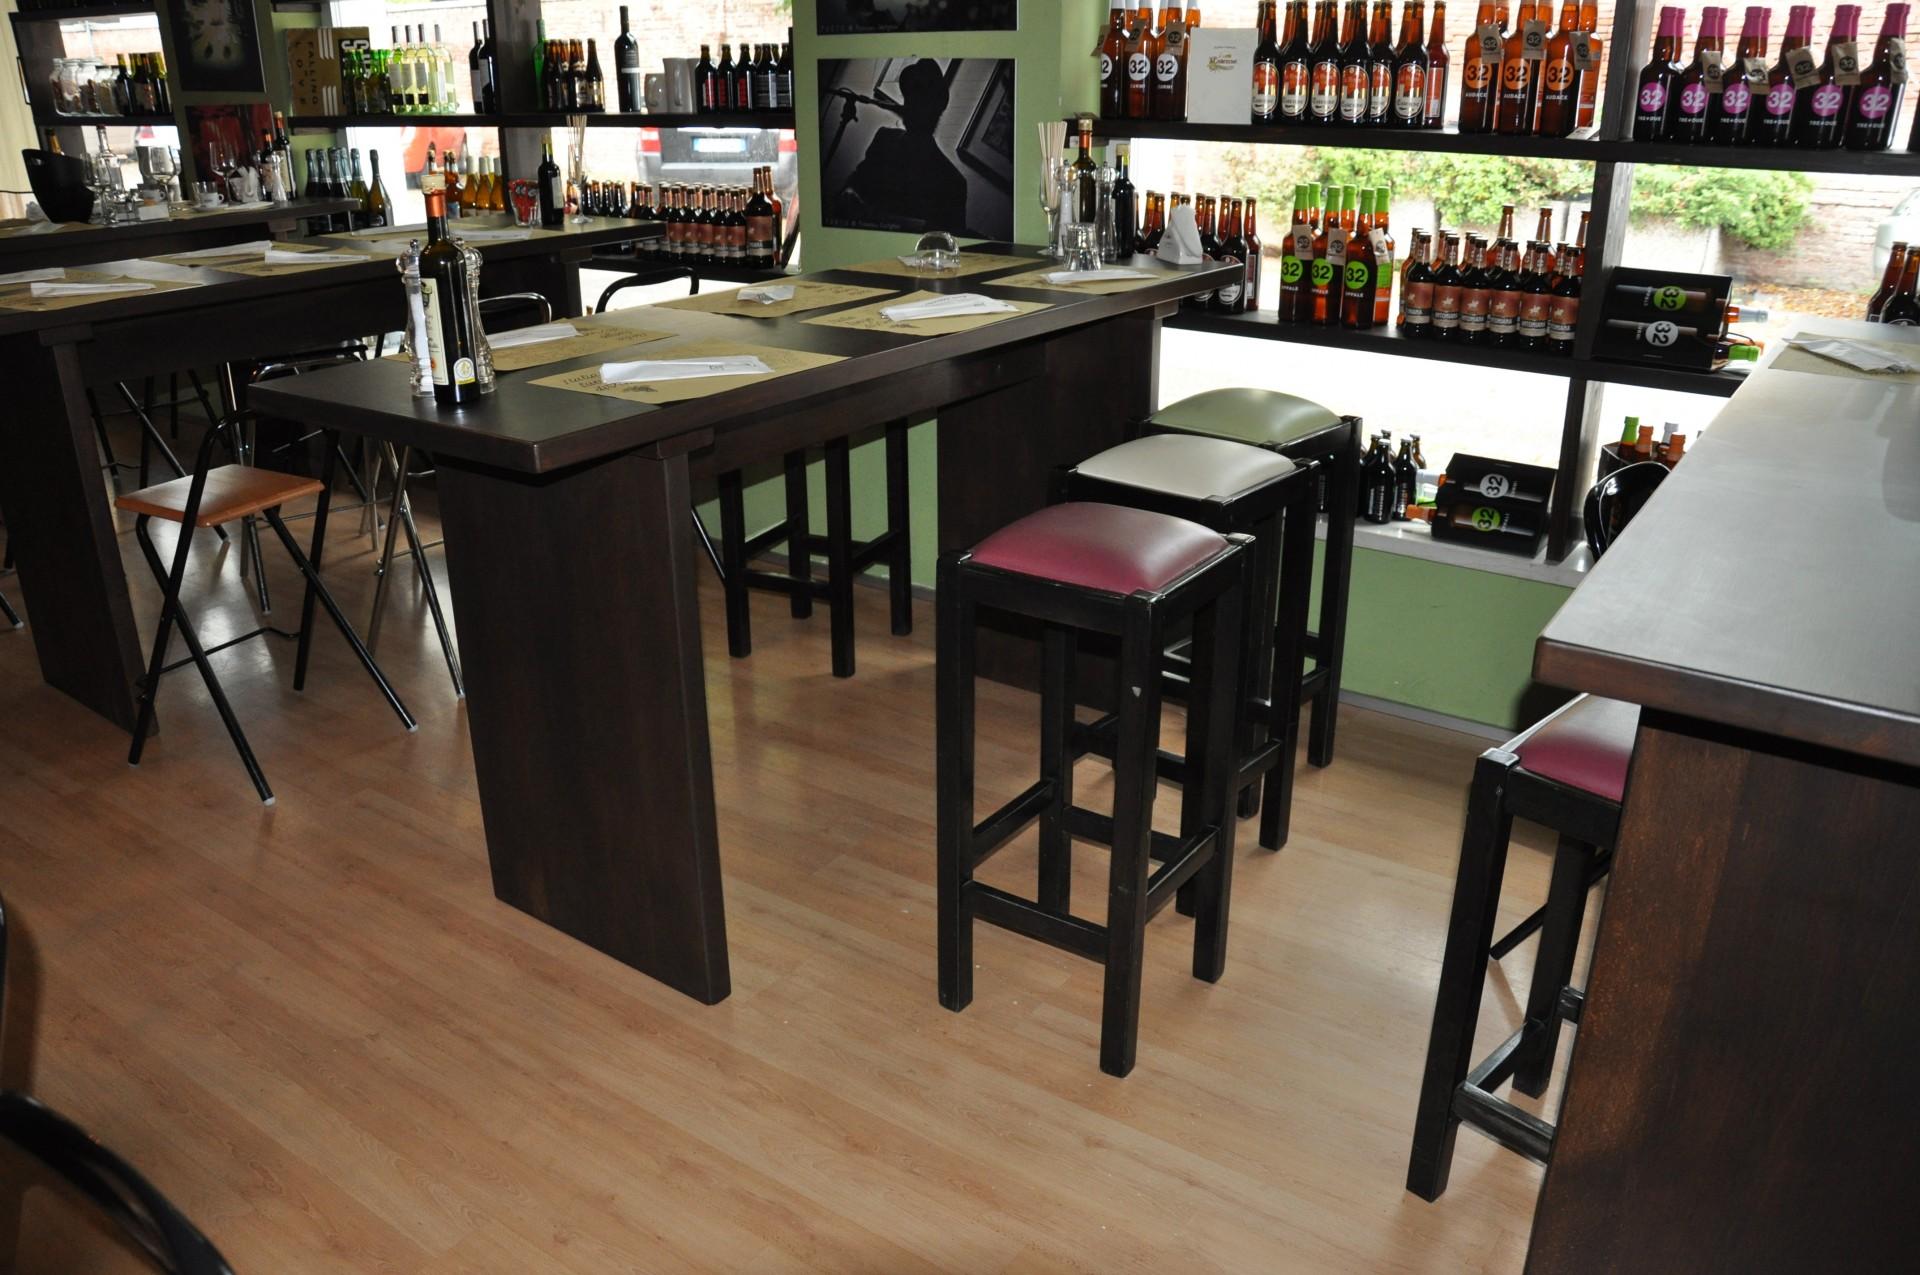 Tavolo in legno per bar e ristorante fadini mobili cerea for Arredamento per ristorante usato